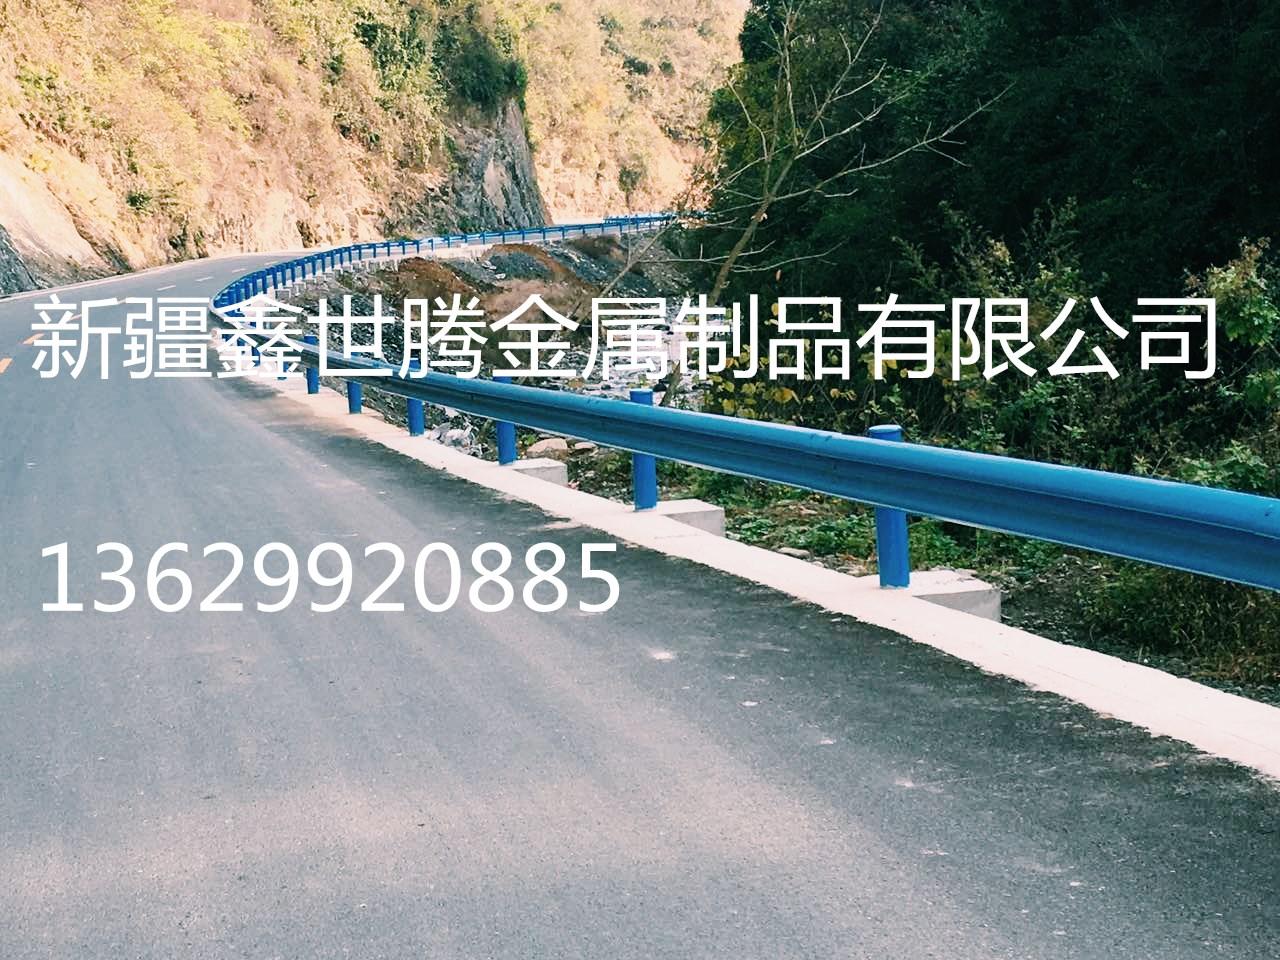 新疆库尔勒专业生产高速防撞护栏 高速防撞波形梁钢护栏事故多发路段国道省道